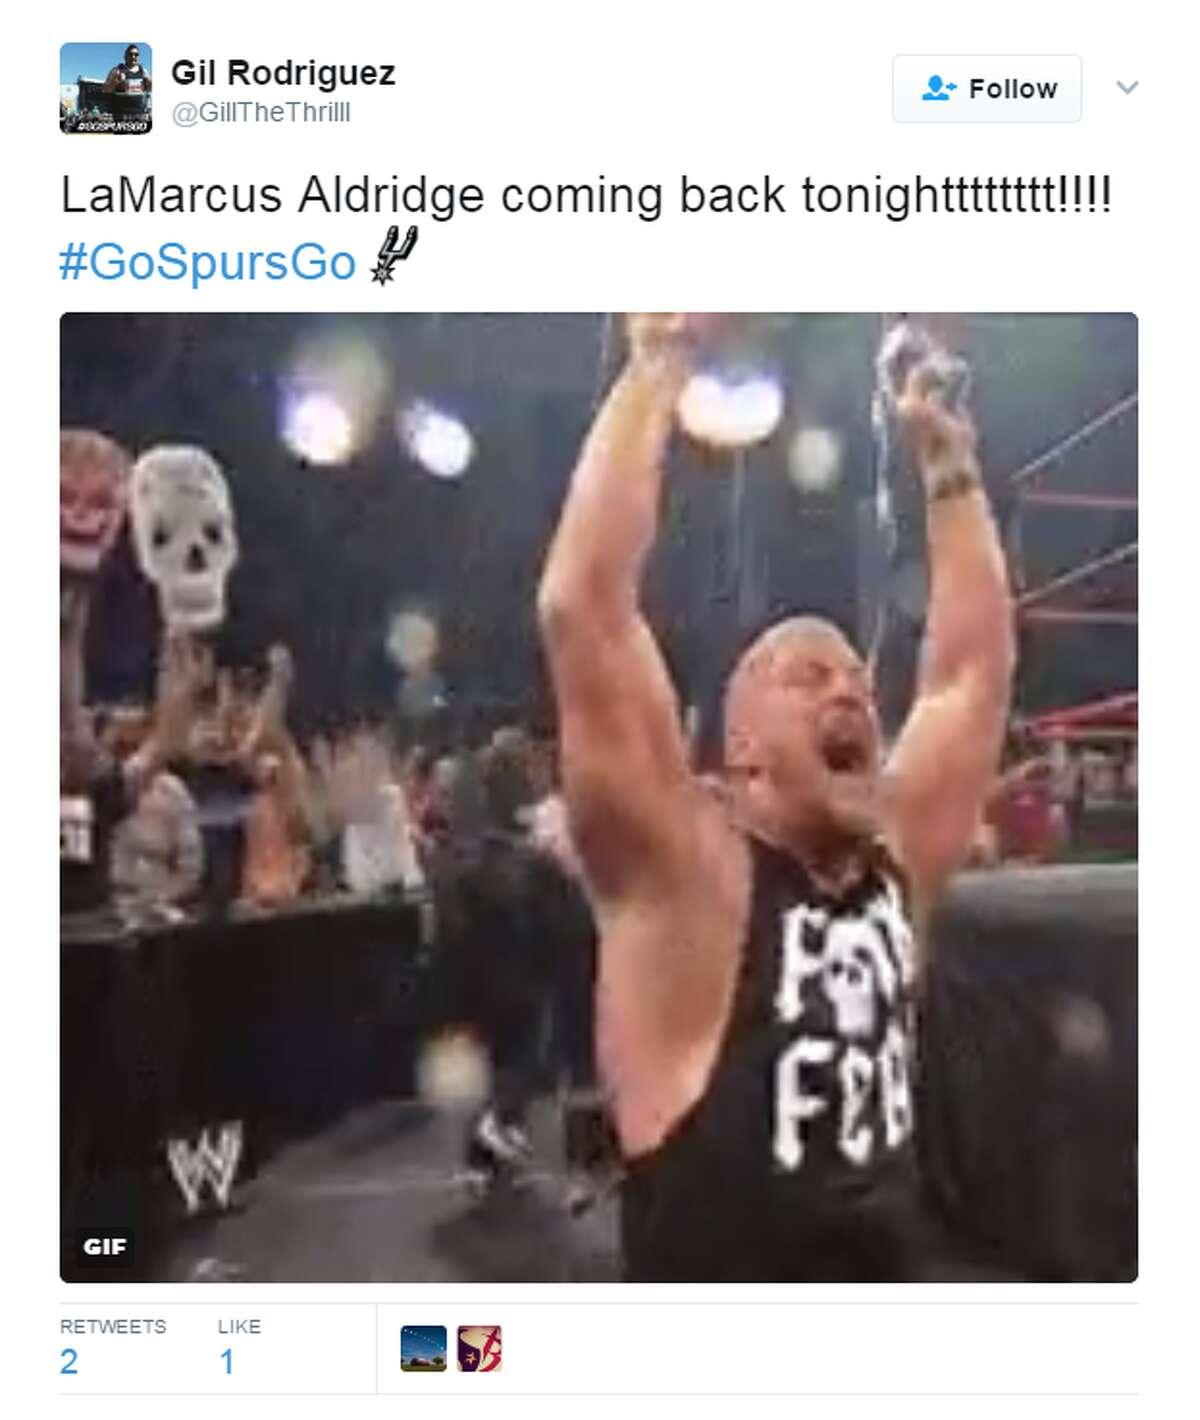 Social media reacts to LaMarcus Aldridge's return.